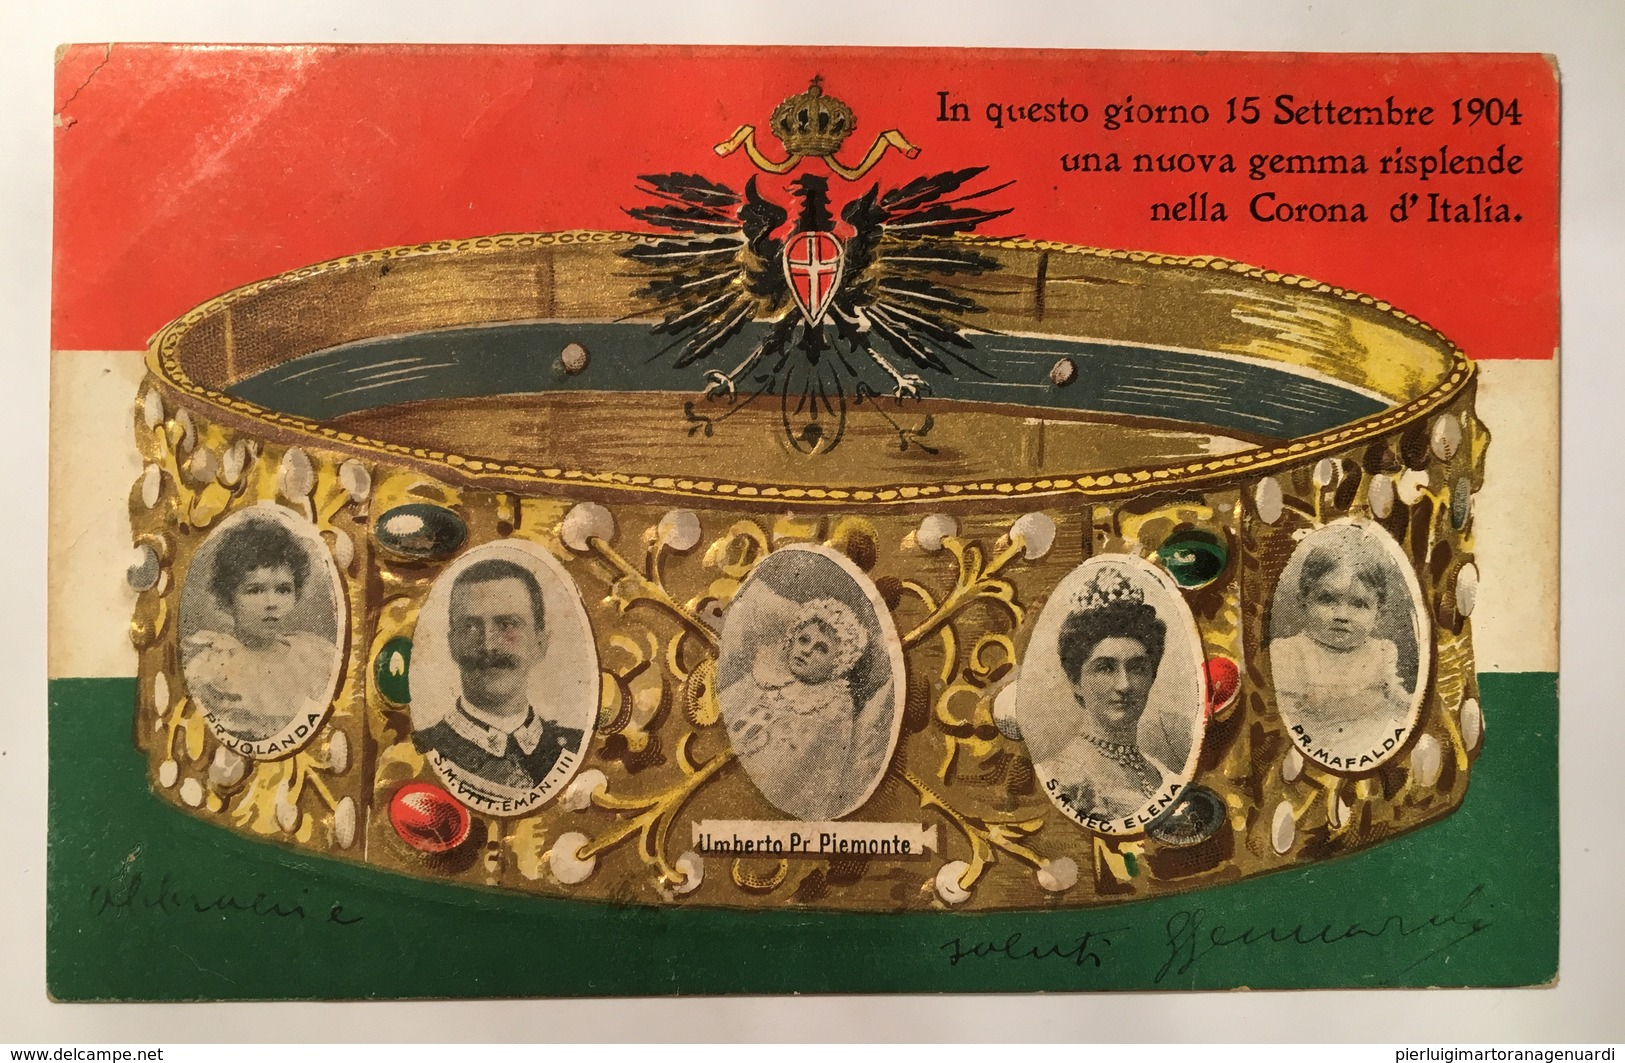 30185 In Questo Giorno 15 Settembre 1904 Una Nuova Gemma Splende Nella Corona D ' Italia - RILIEVO ORO - Königshäuser